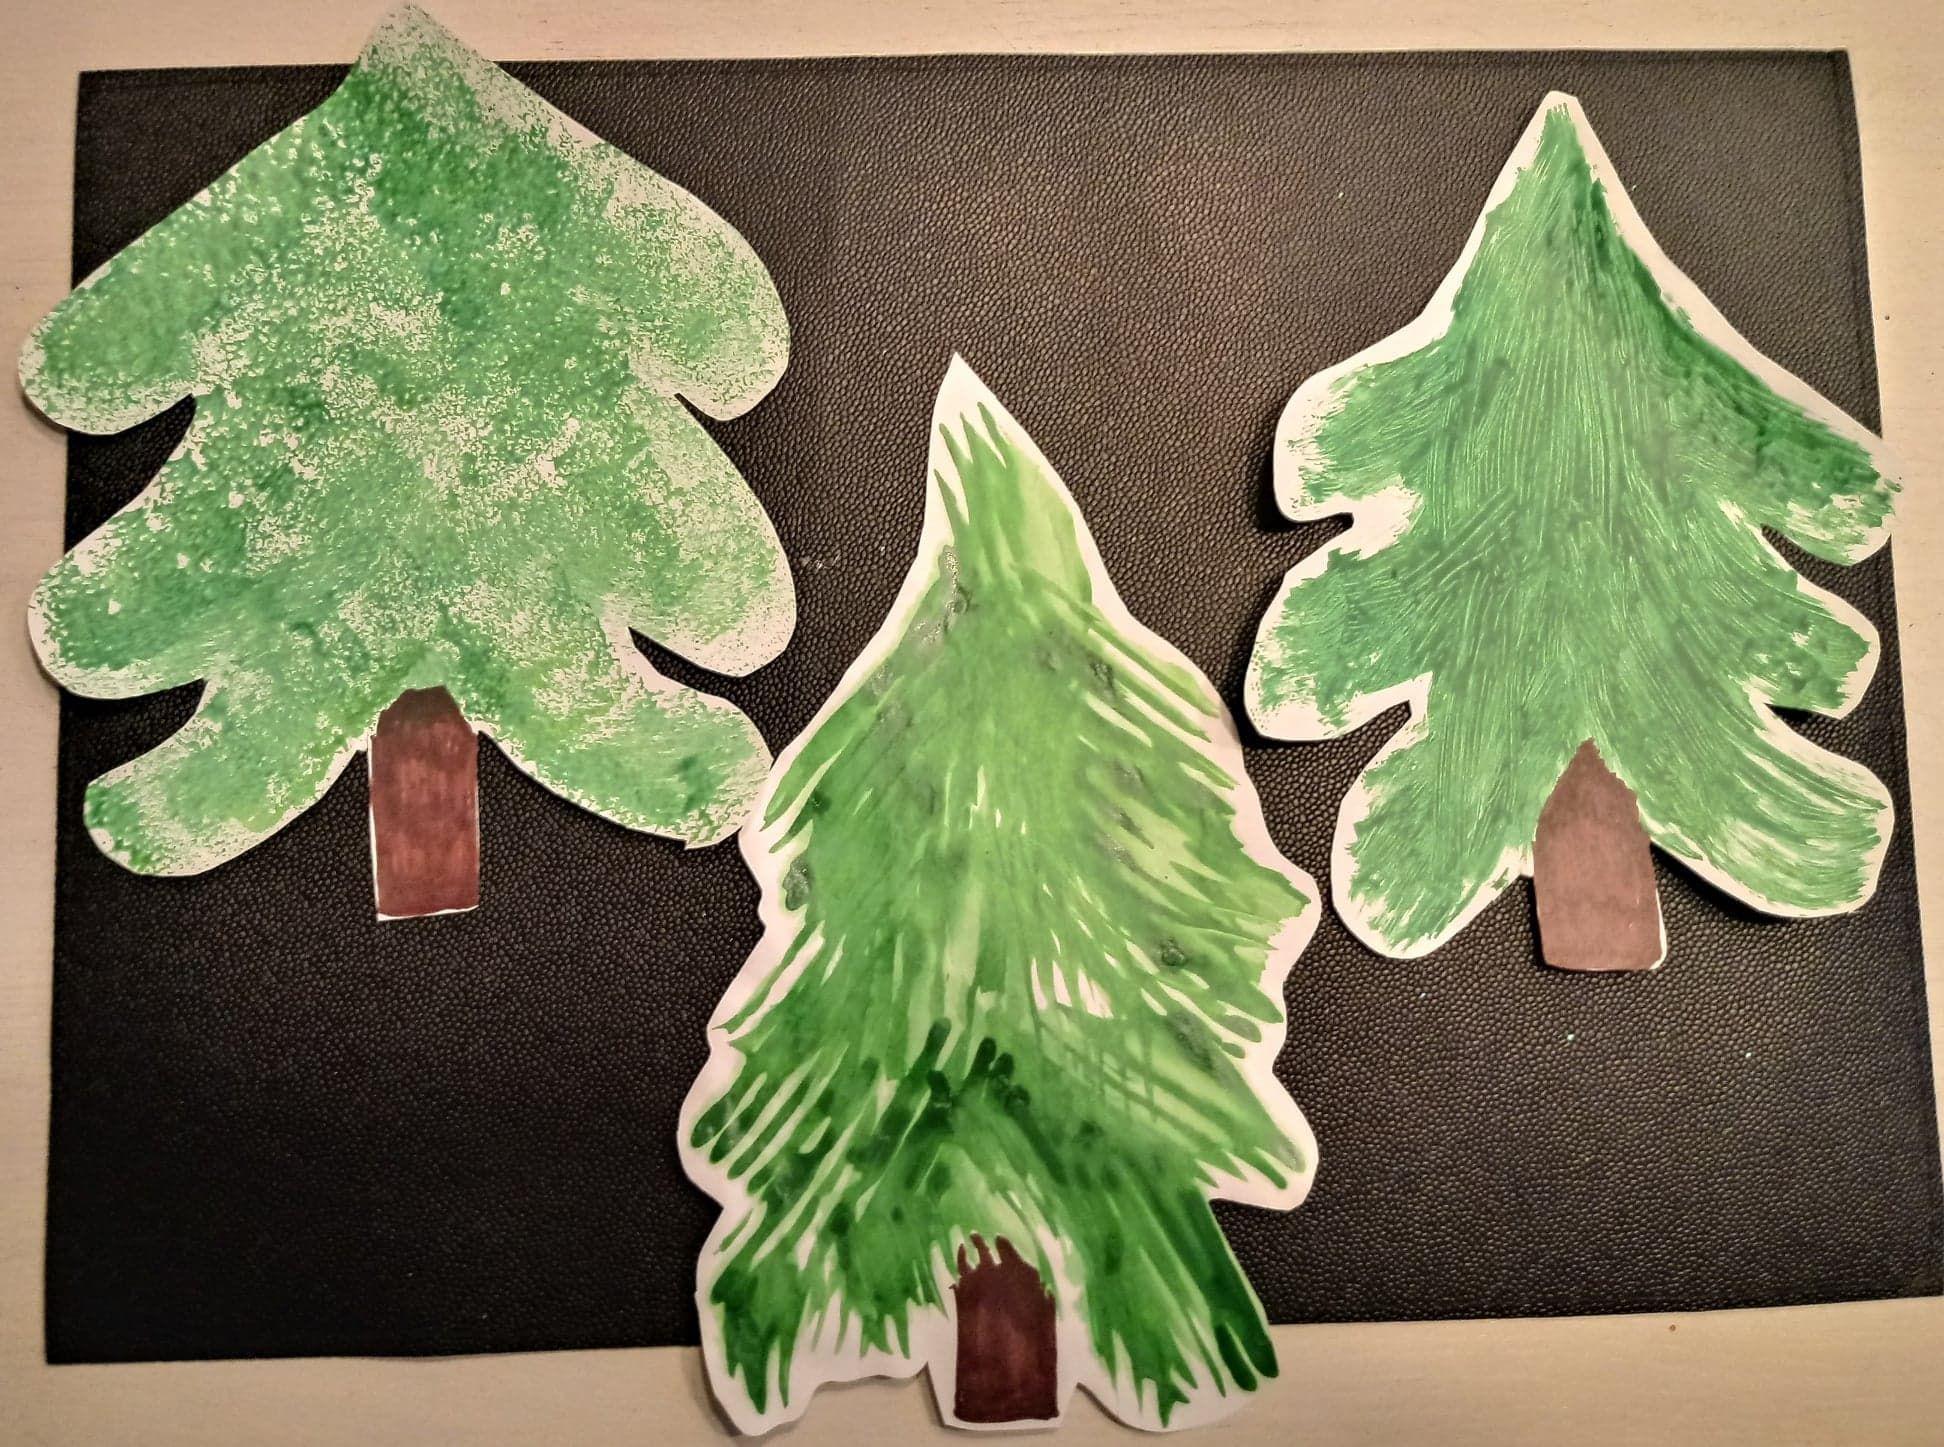 Kerstboom Verven Met Vork Kerst Kerstboom Verven Met Vork 1062 Kerstboom Kerst Kerstmis